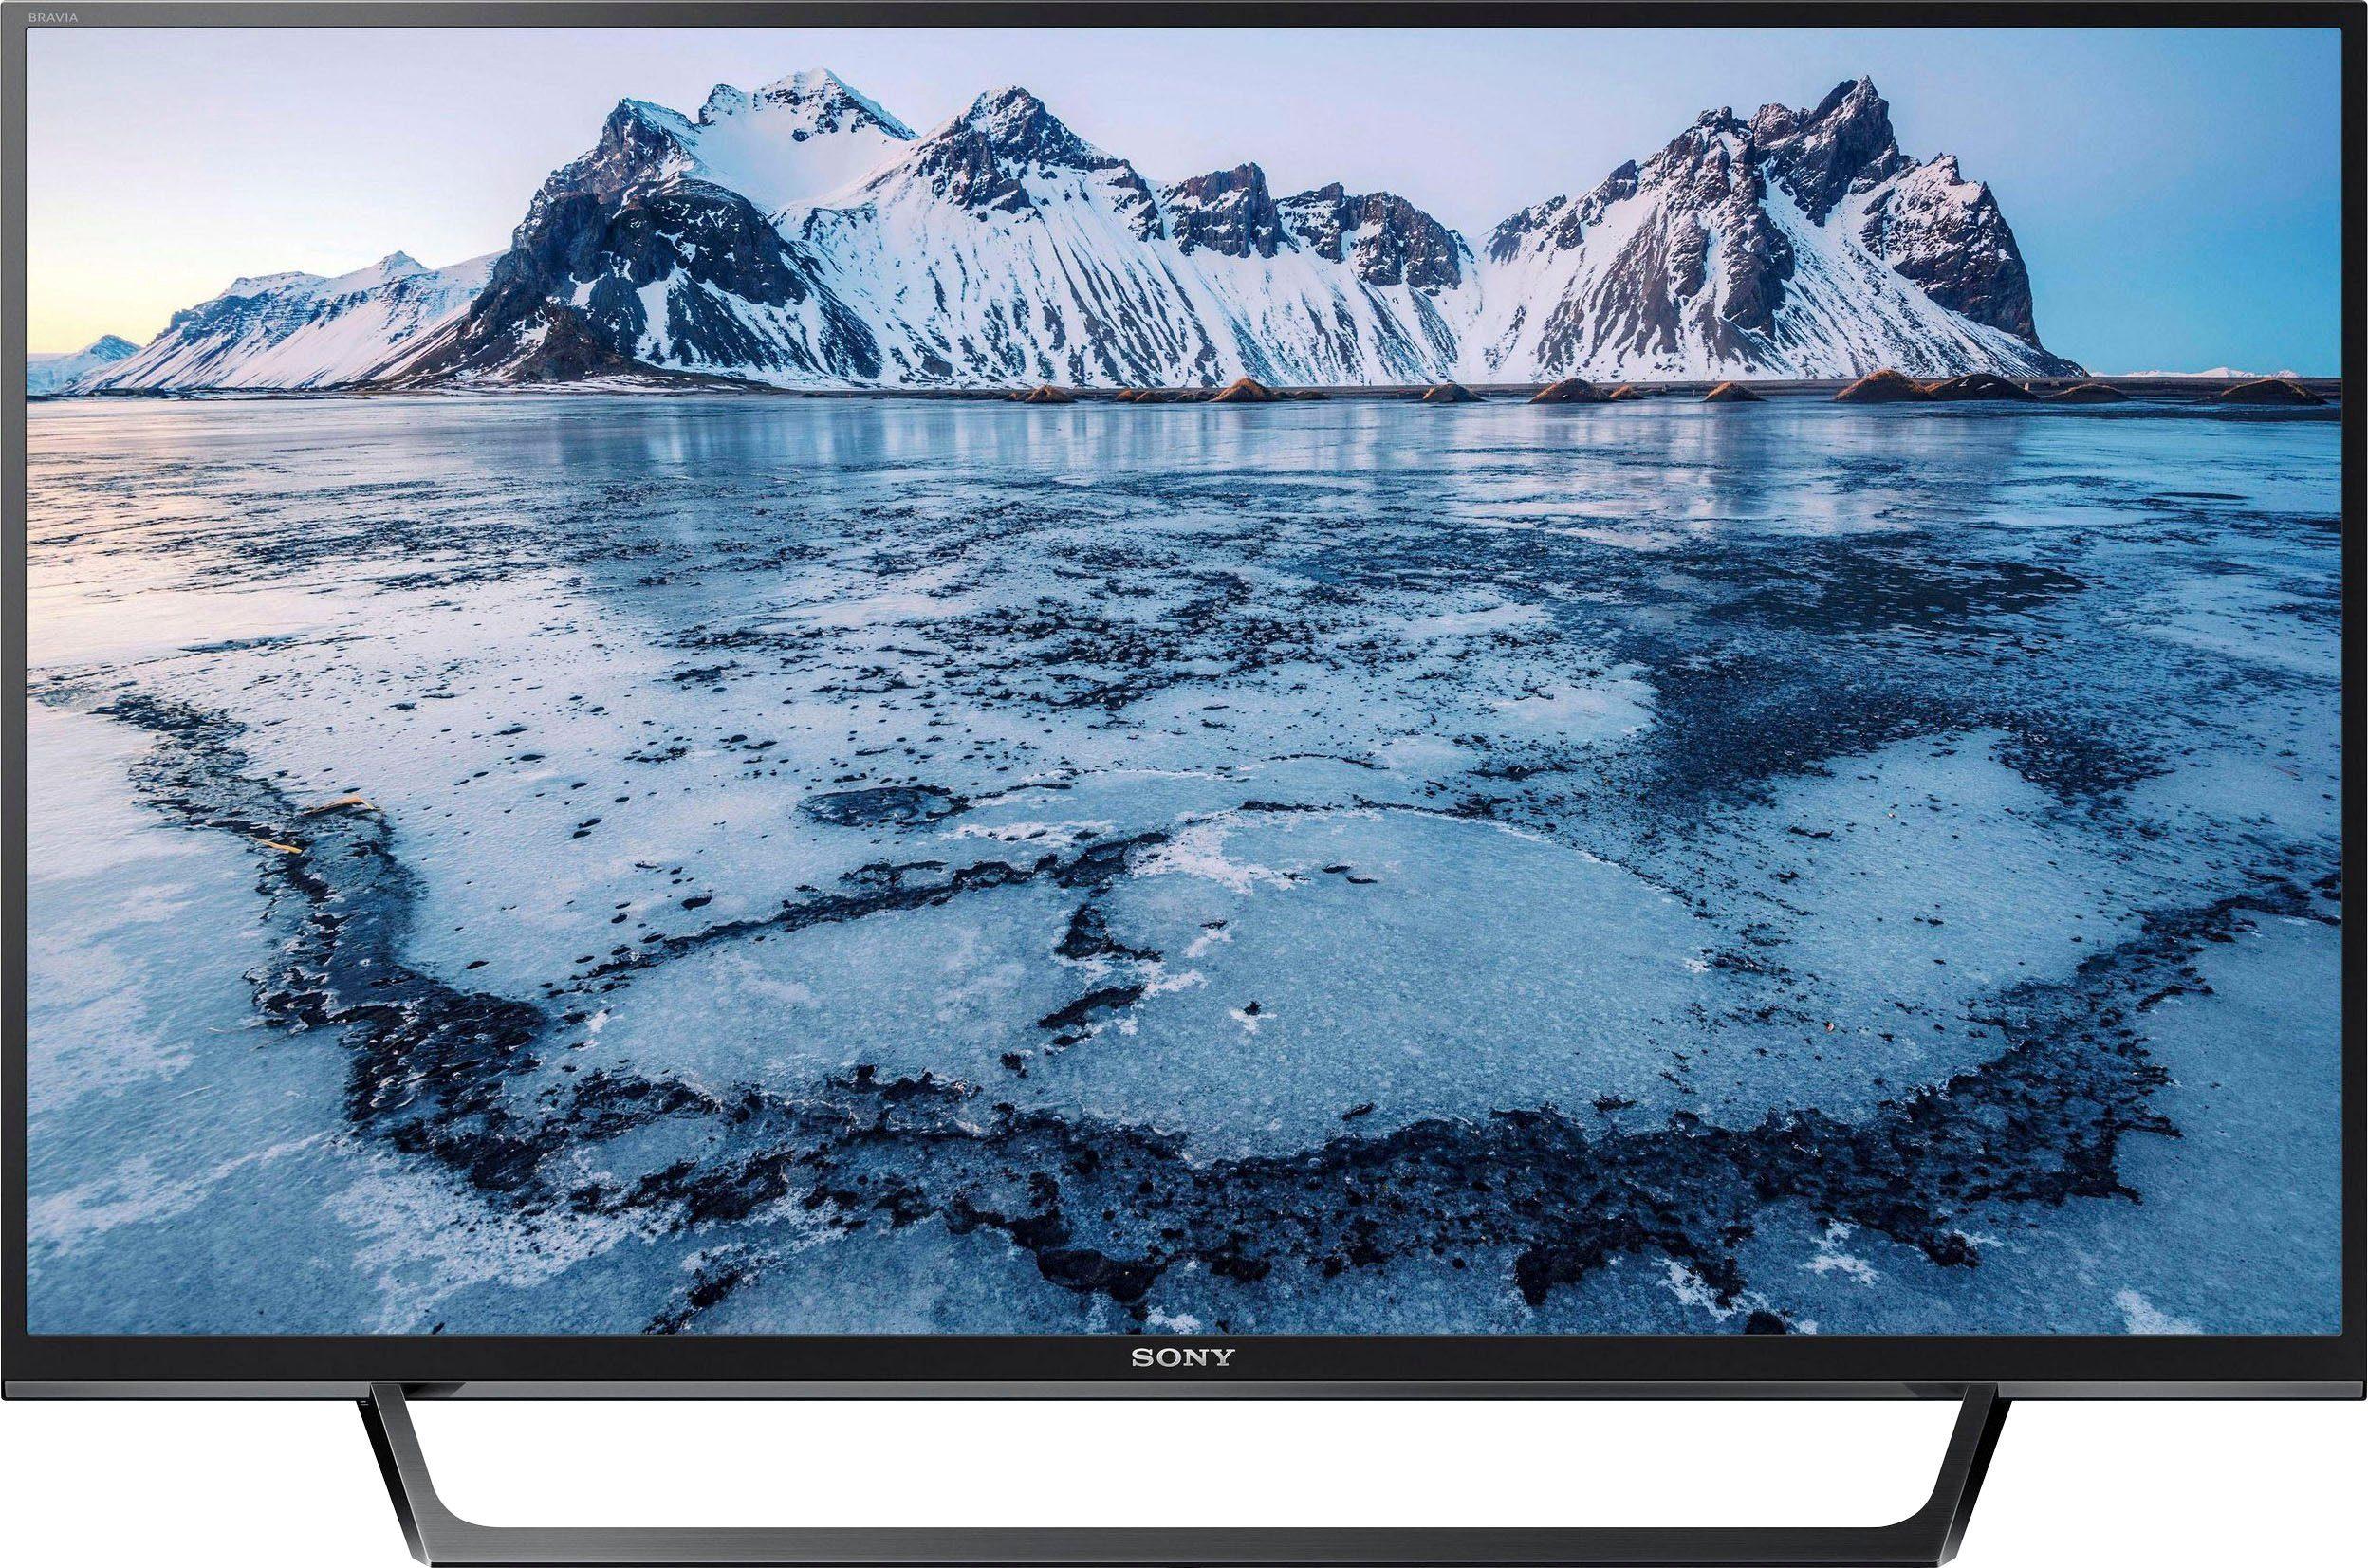 Sony KDL-32W6605 LED-Fernseher - Sony